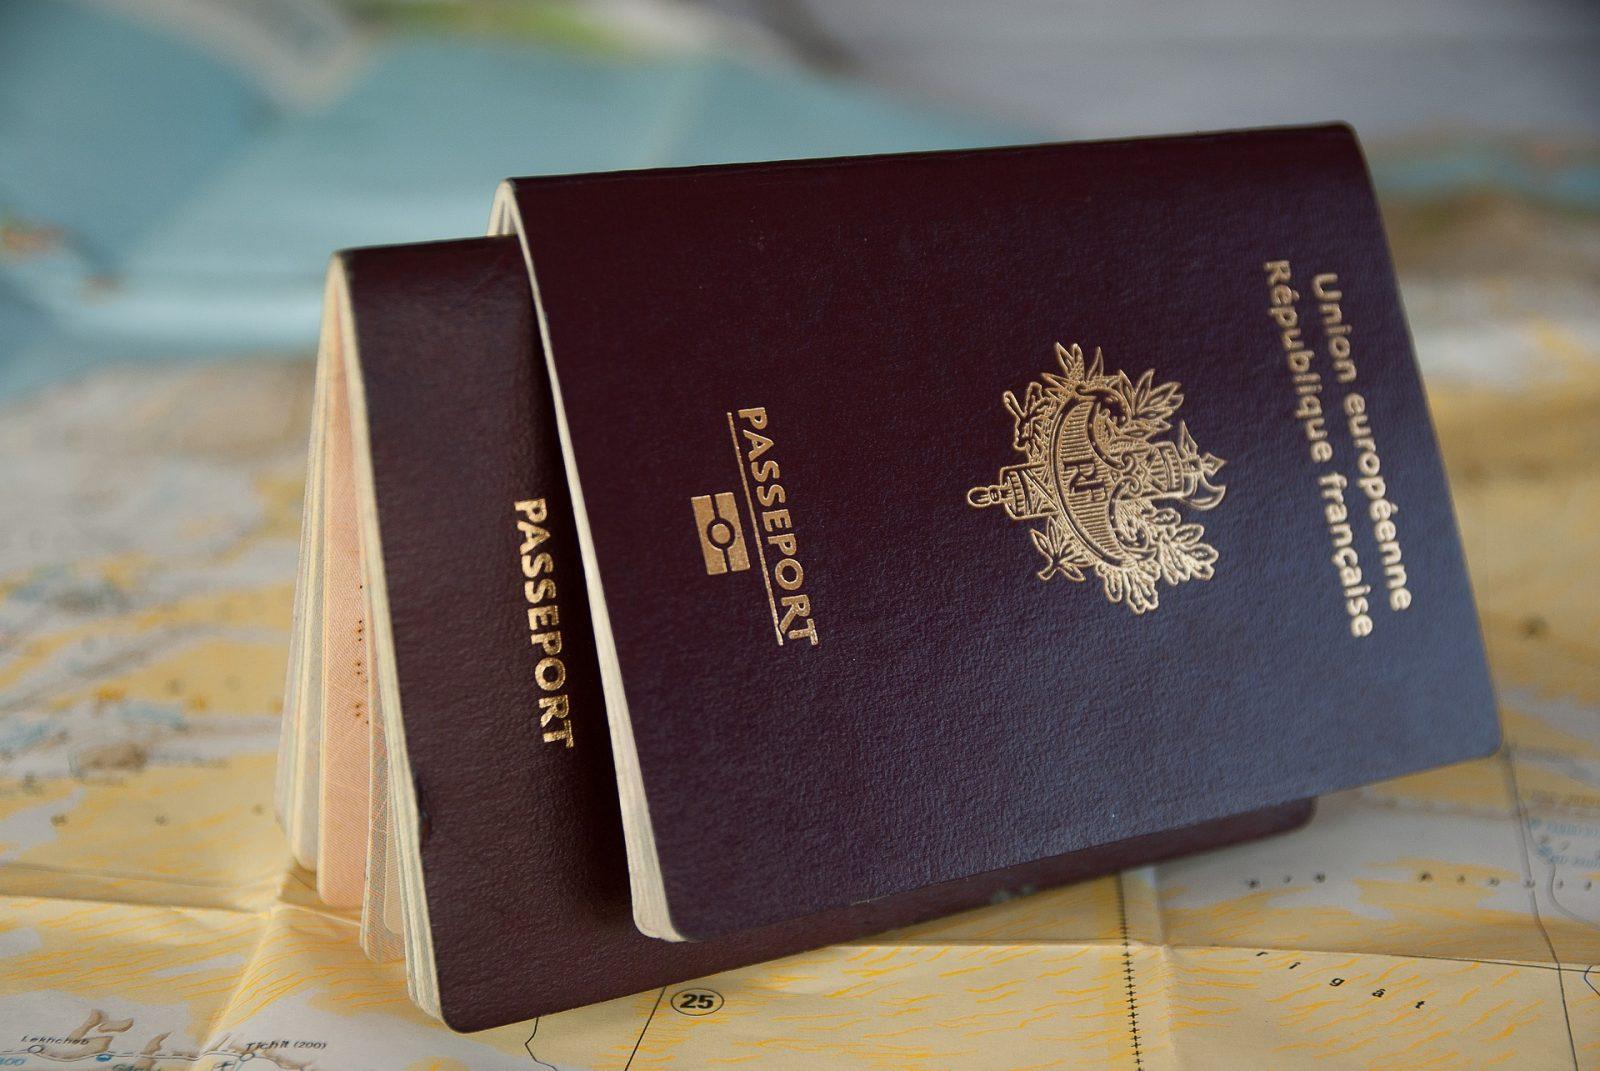 Droits de douane US – Qui les paie vraiment?